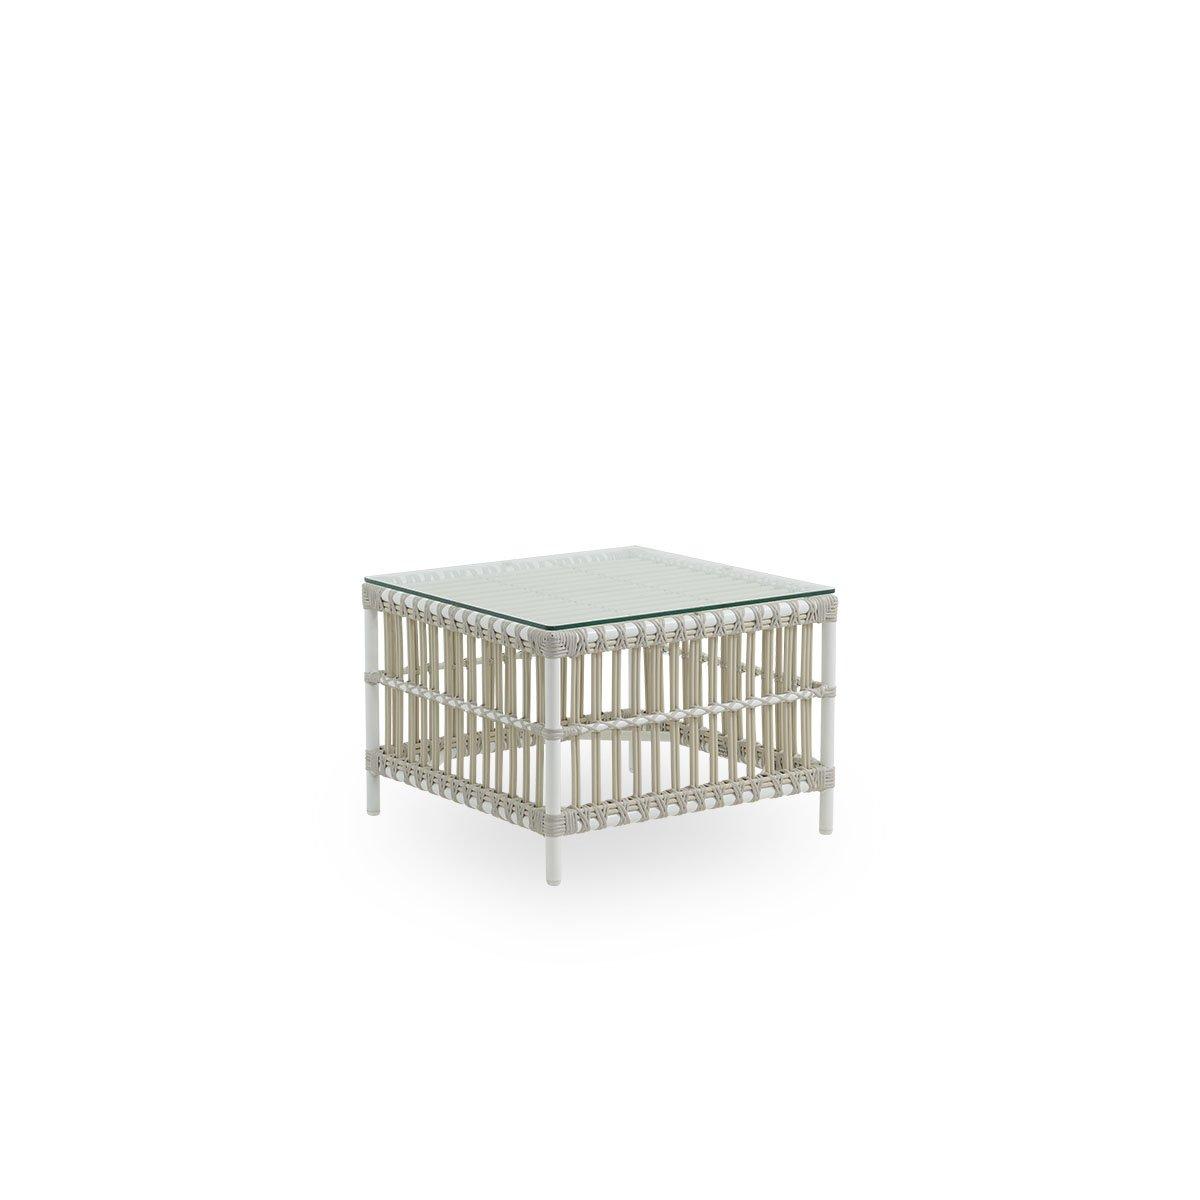 Sika Design Garten-Beistelltisch Caroline 60x60 cm Weiß